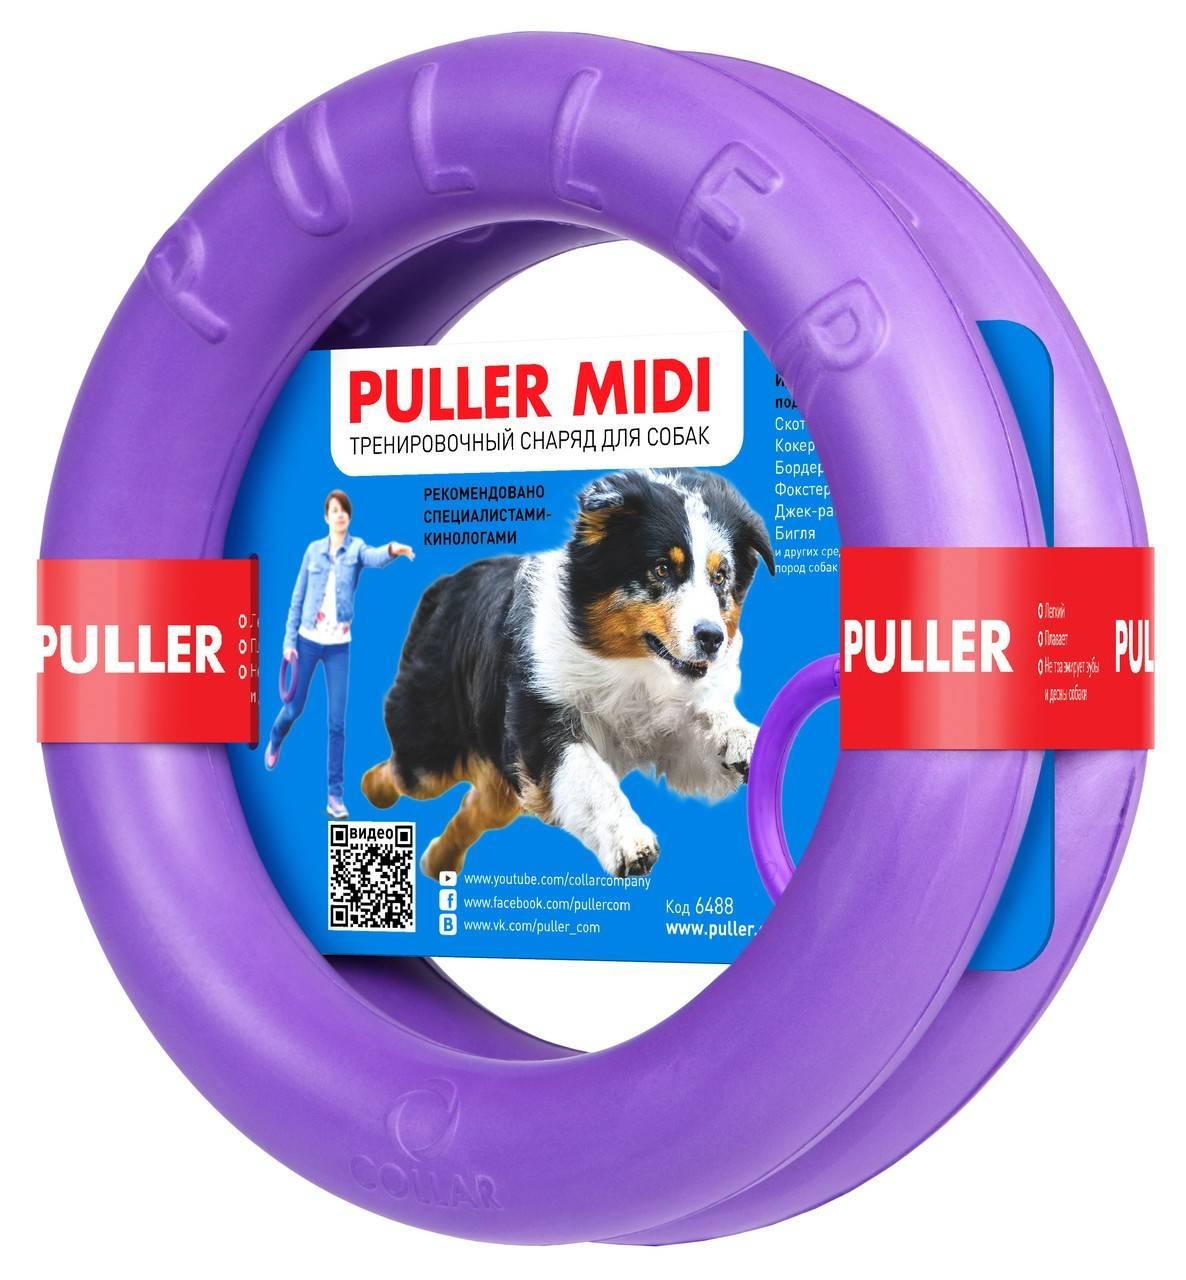 PULLER MIDI – тренувальний снаряд для собак